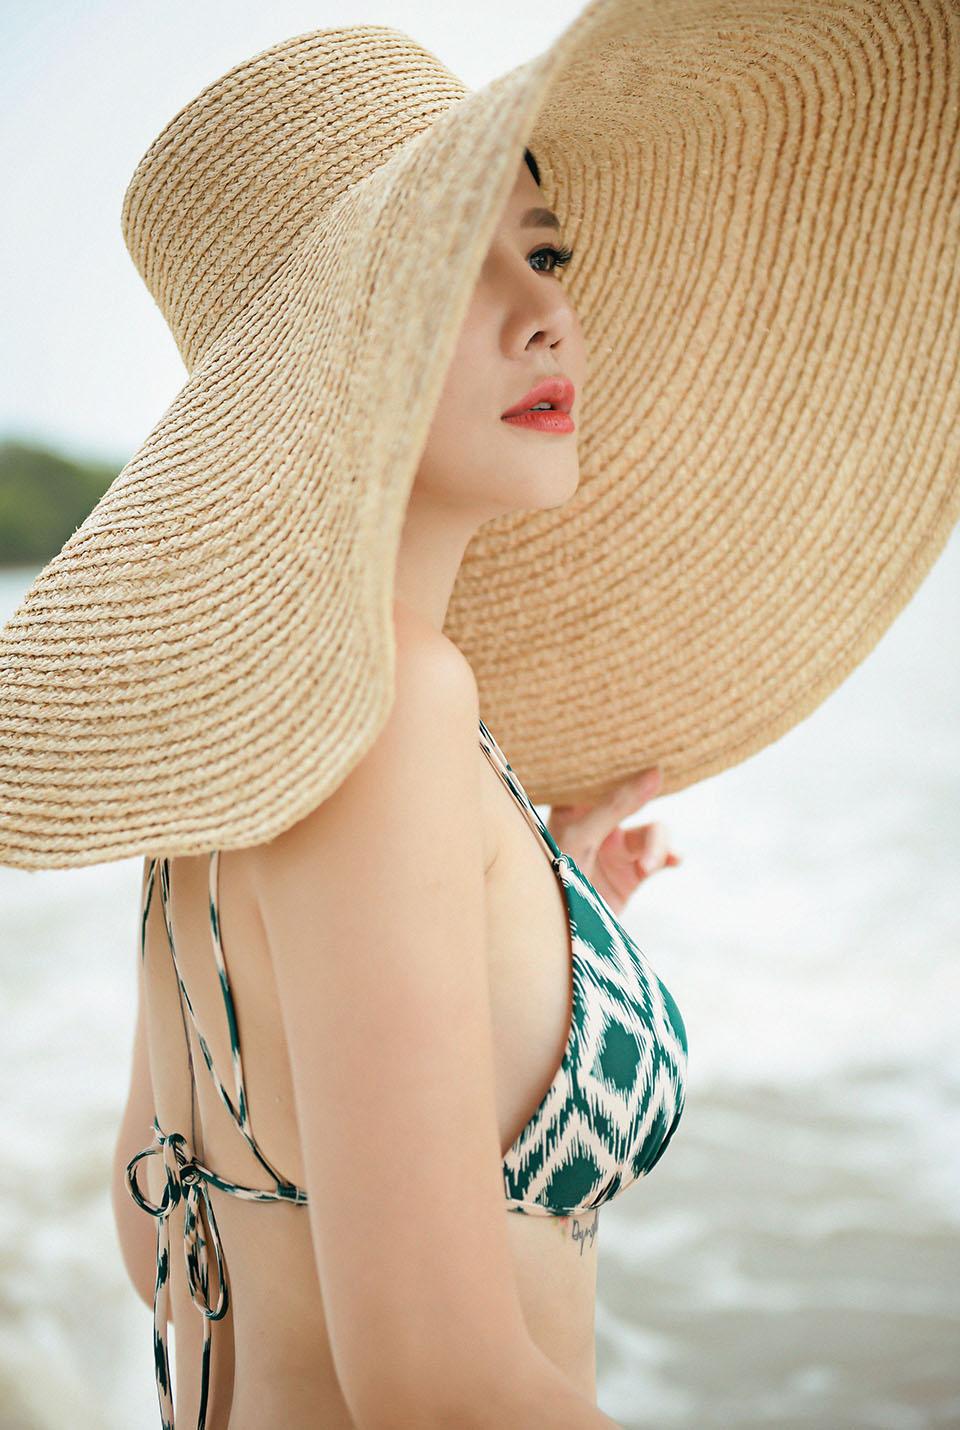 40 tuoi duong yen ngoc dien bikini khoe dang goi cam ben song sai gon